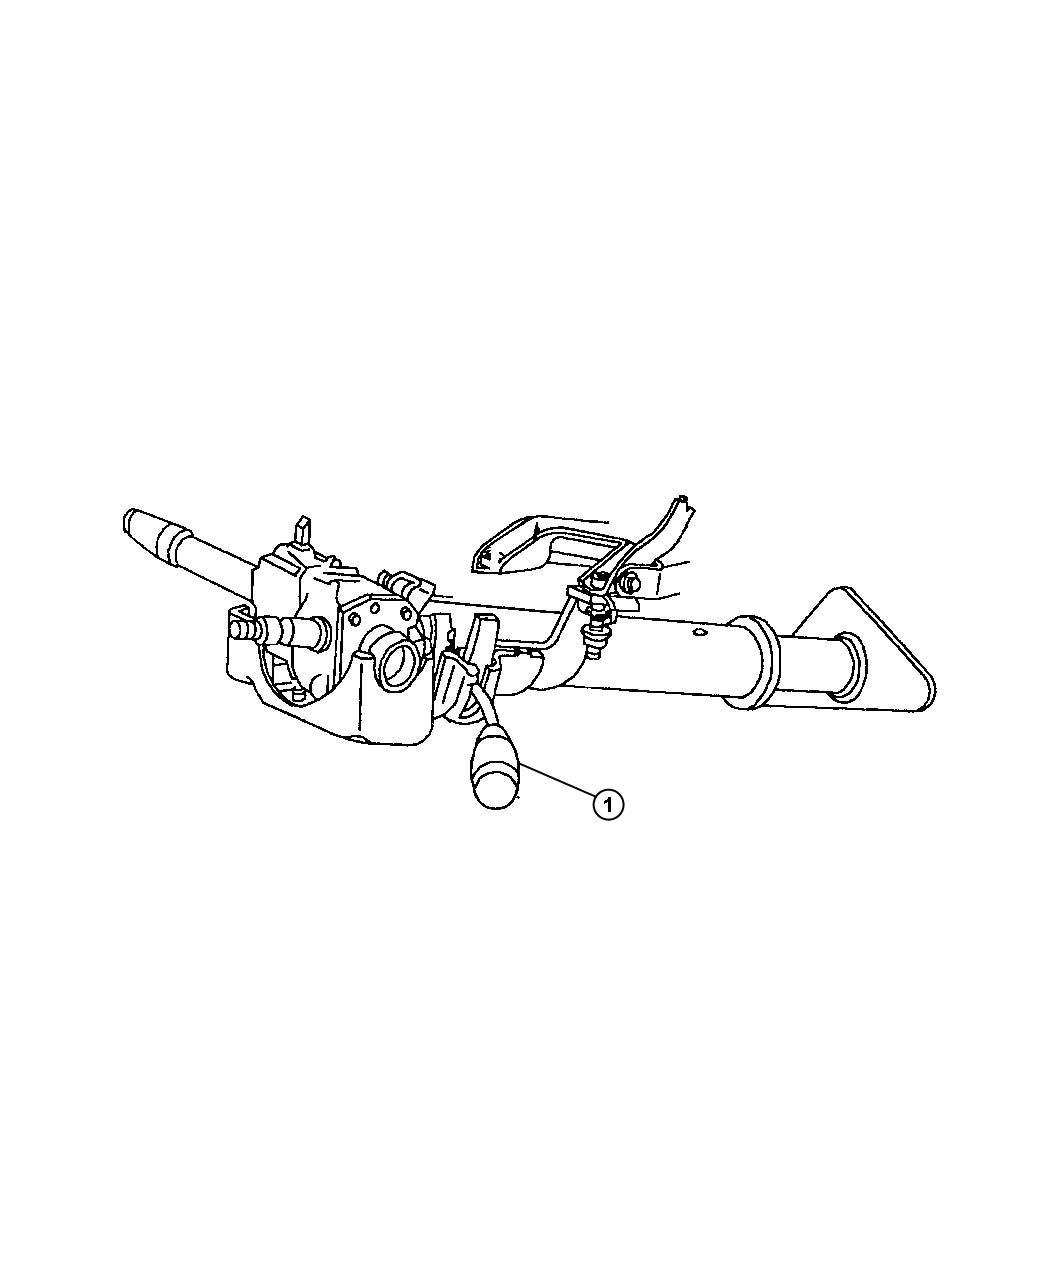 Dodge Ram Lever Gearshift Intermittentsteering